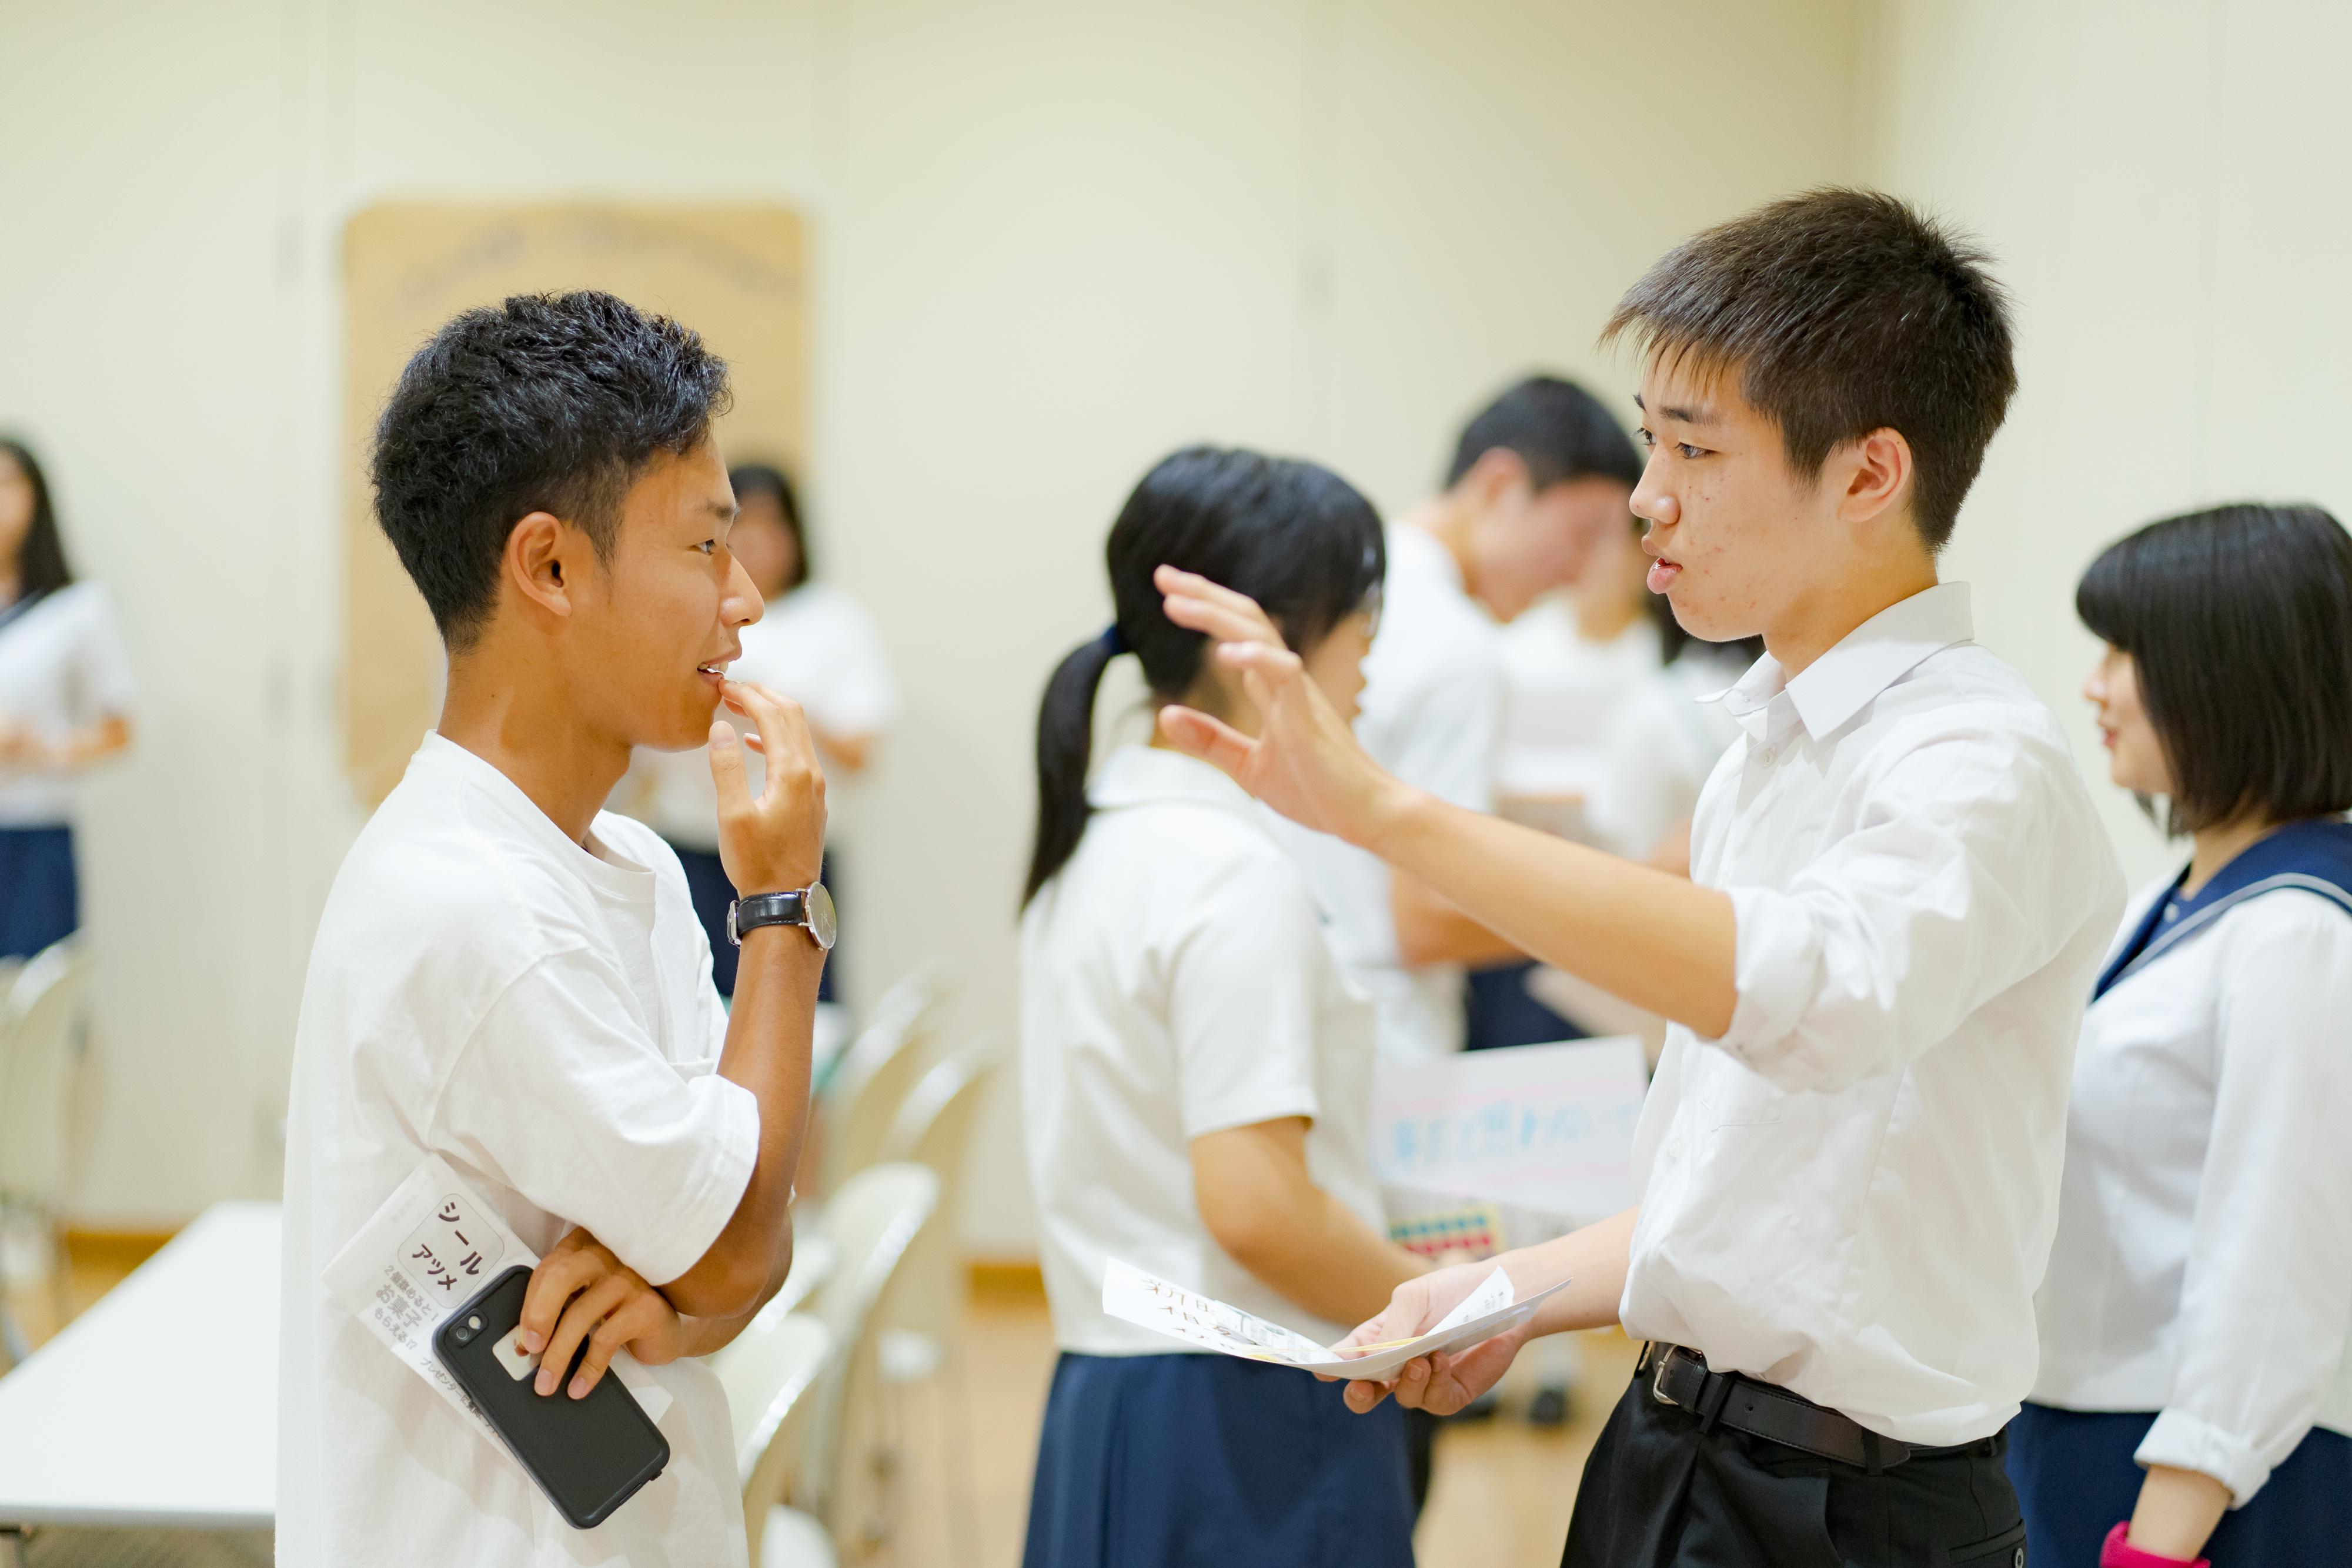 参加者が情報交換をしている写真